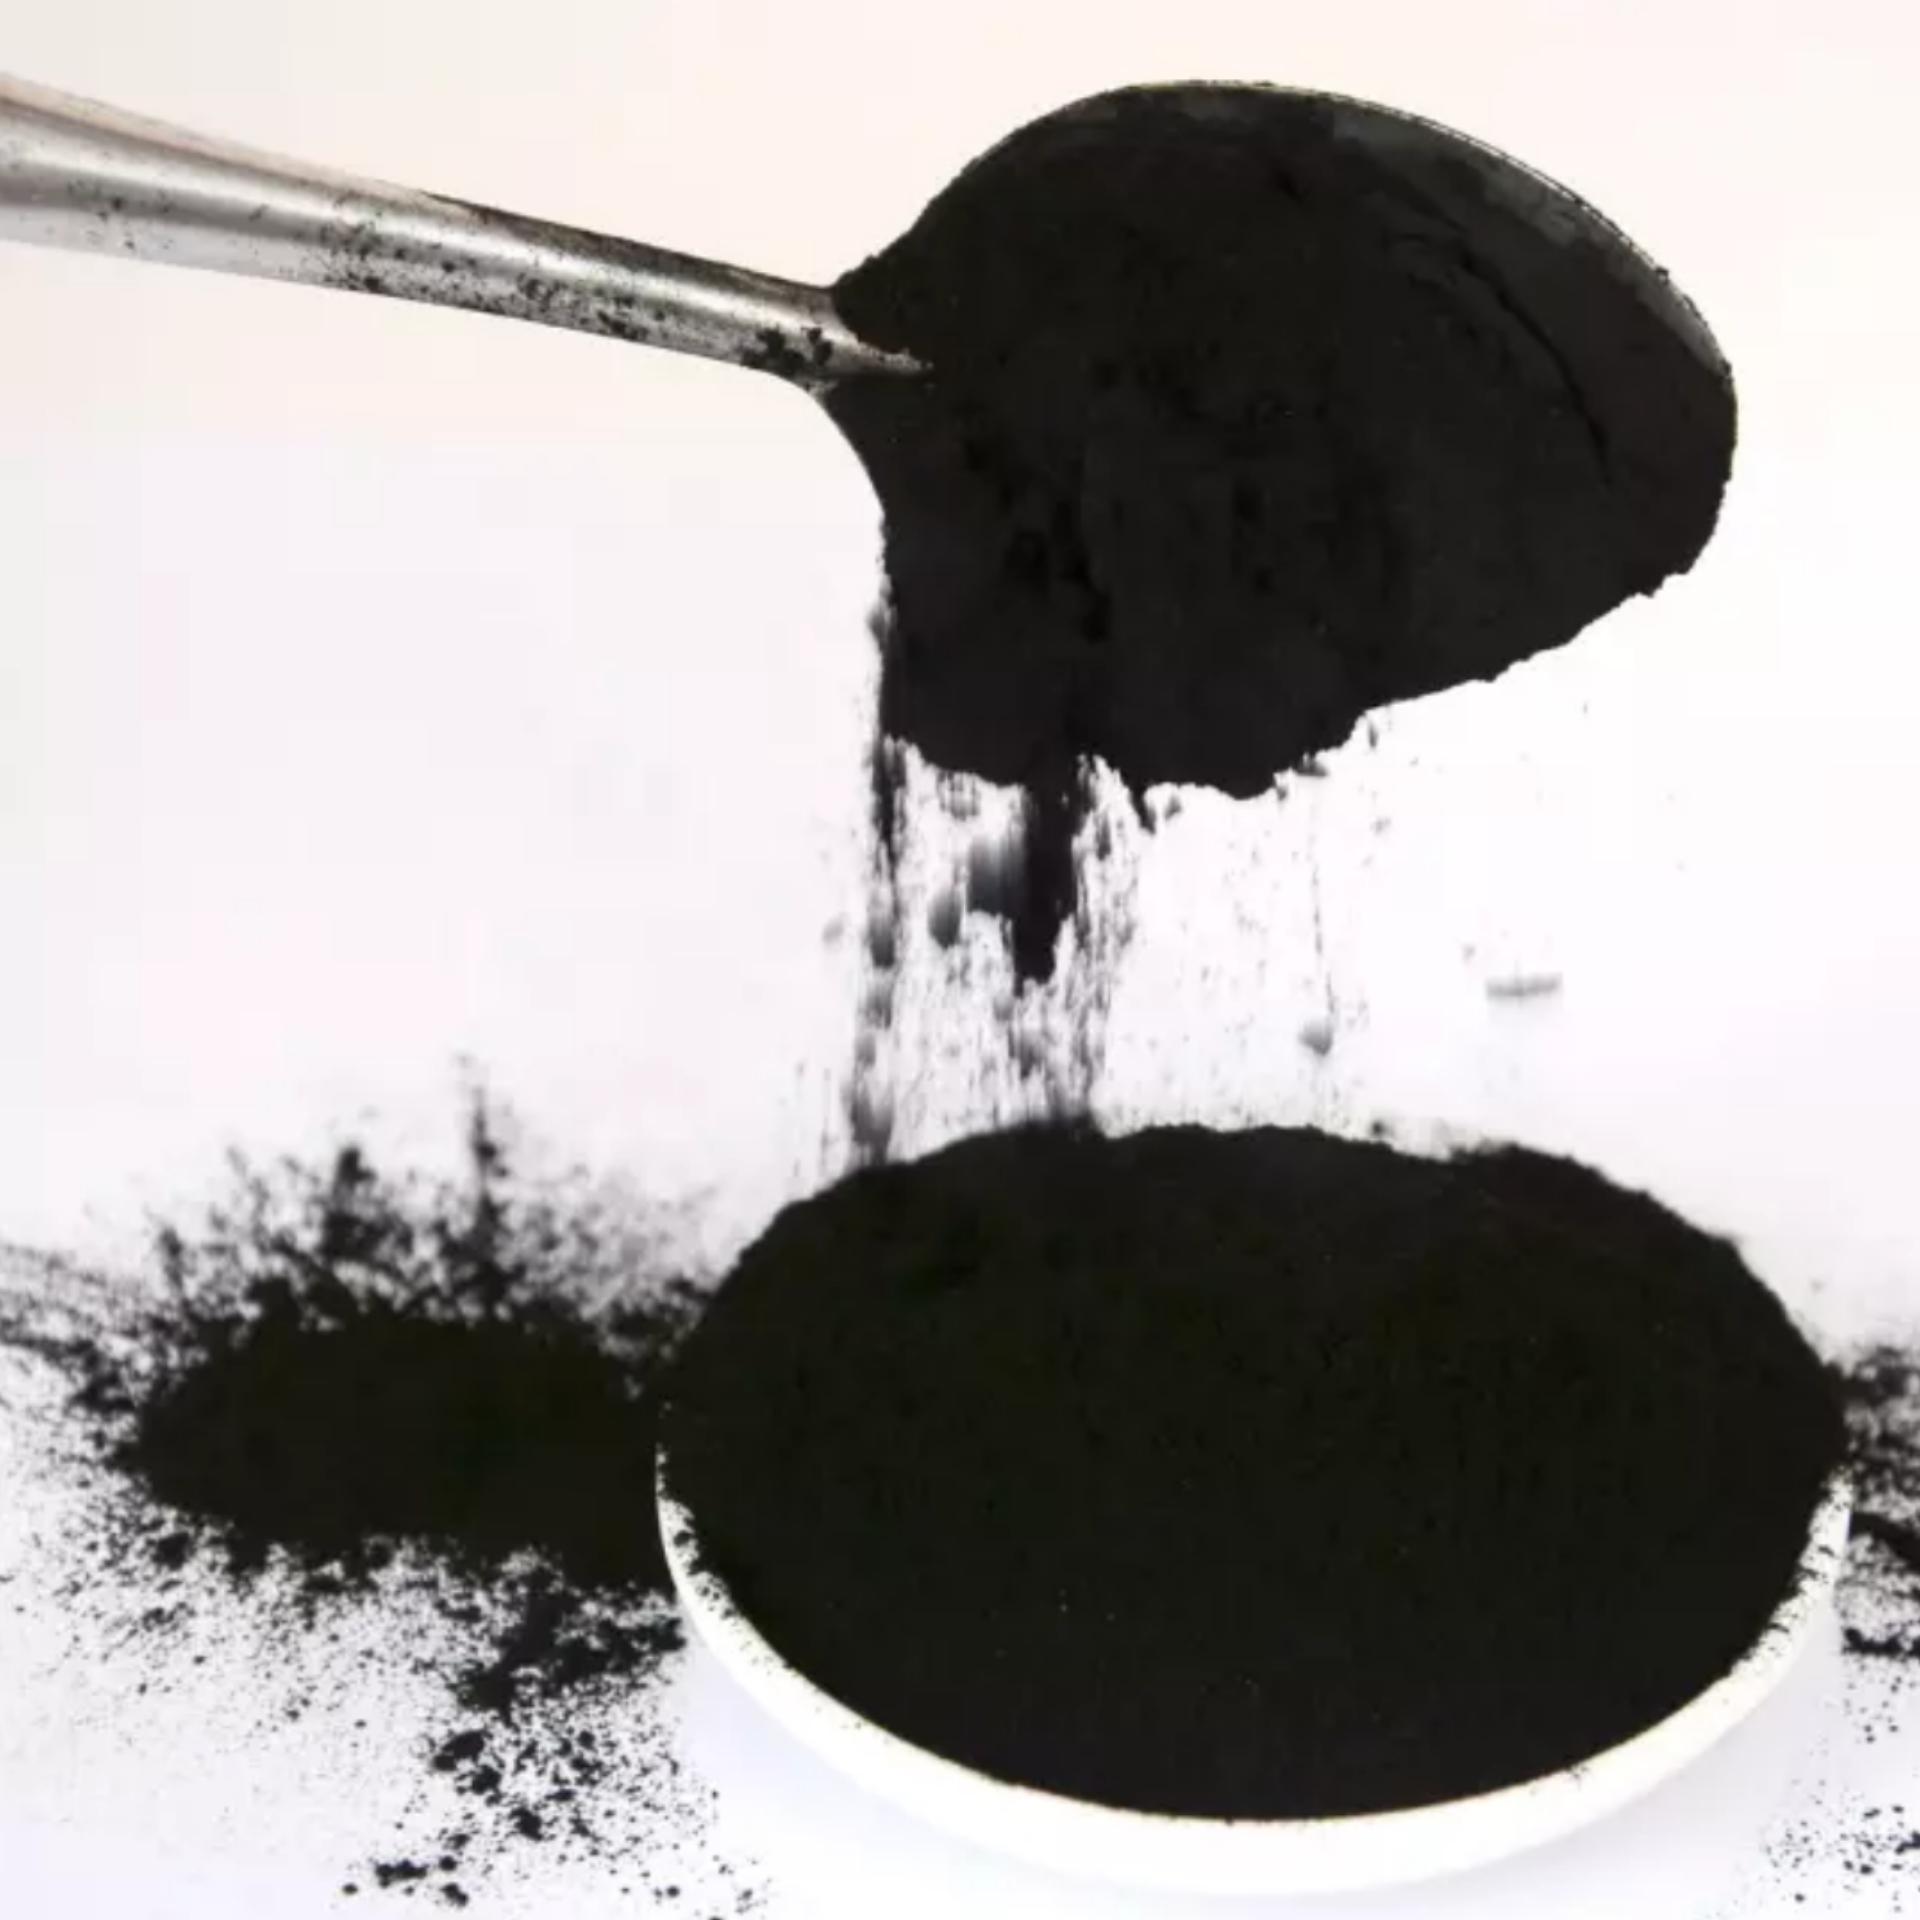 زغال فعال بمب حمام زغال فعال صابون سازی